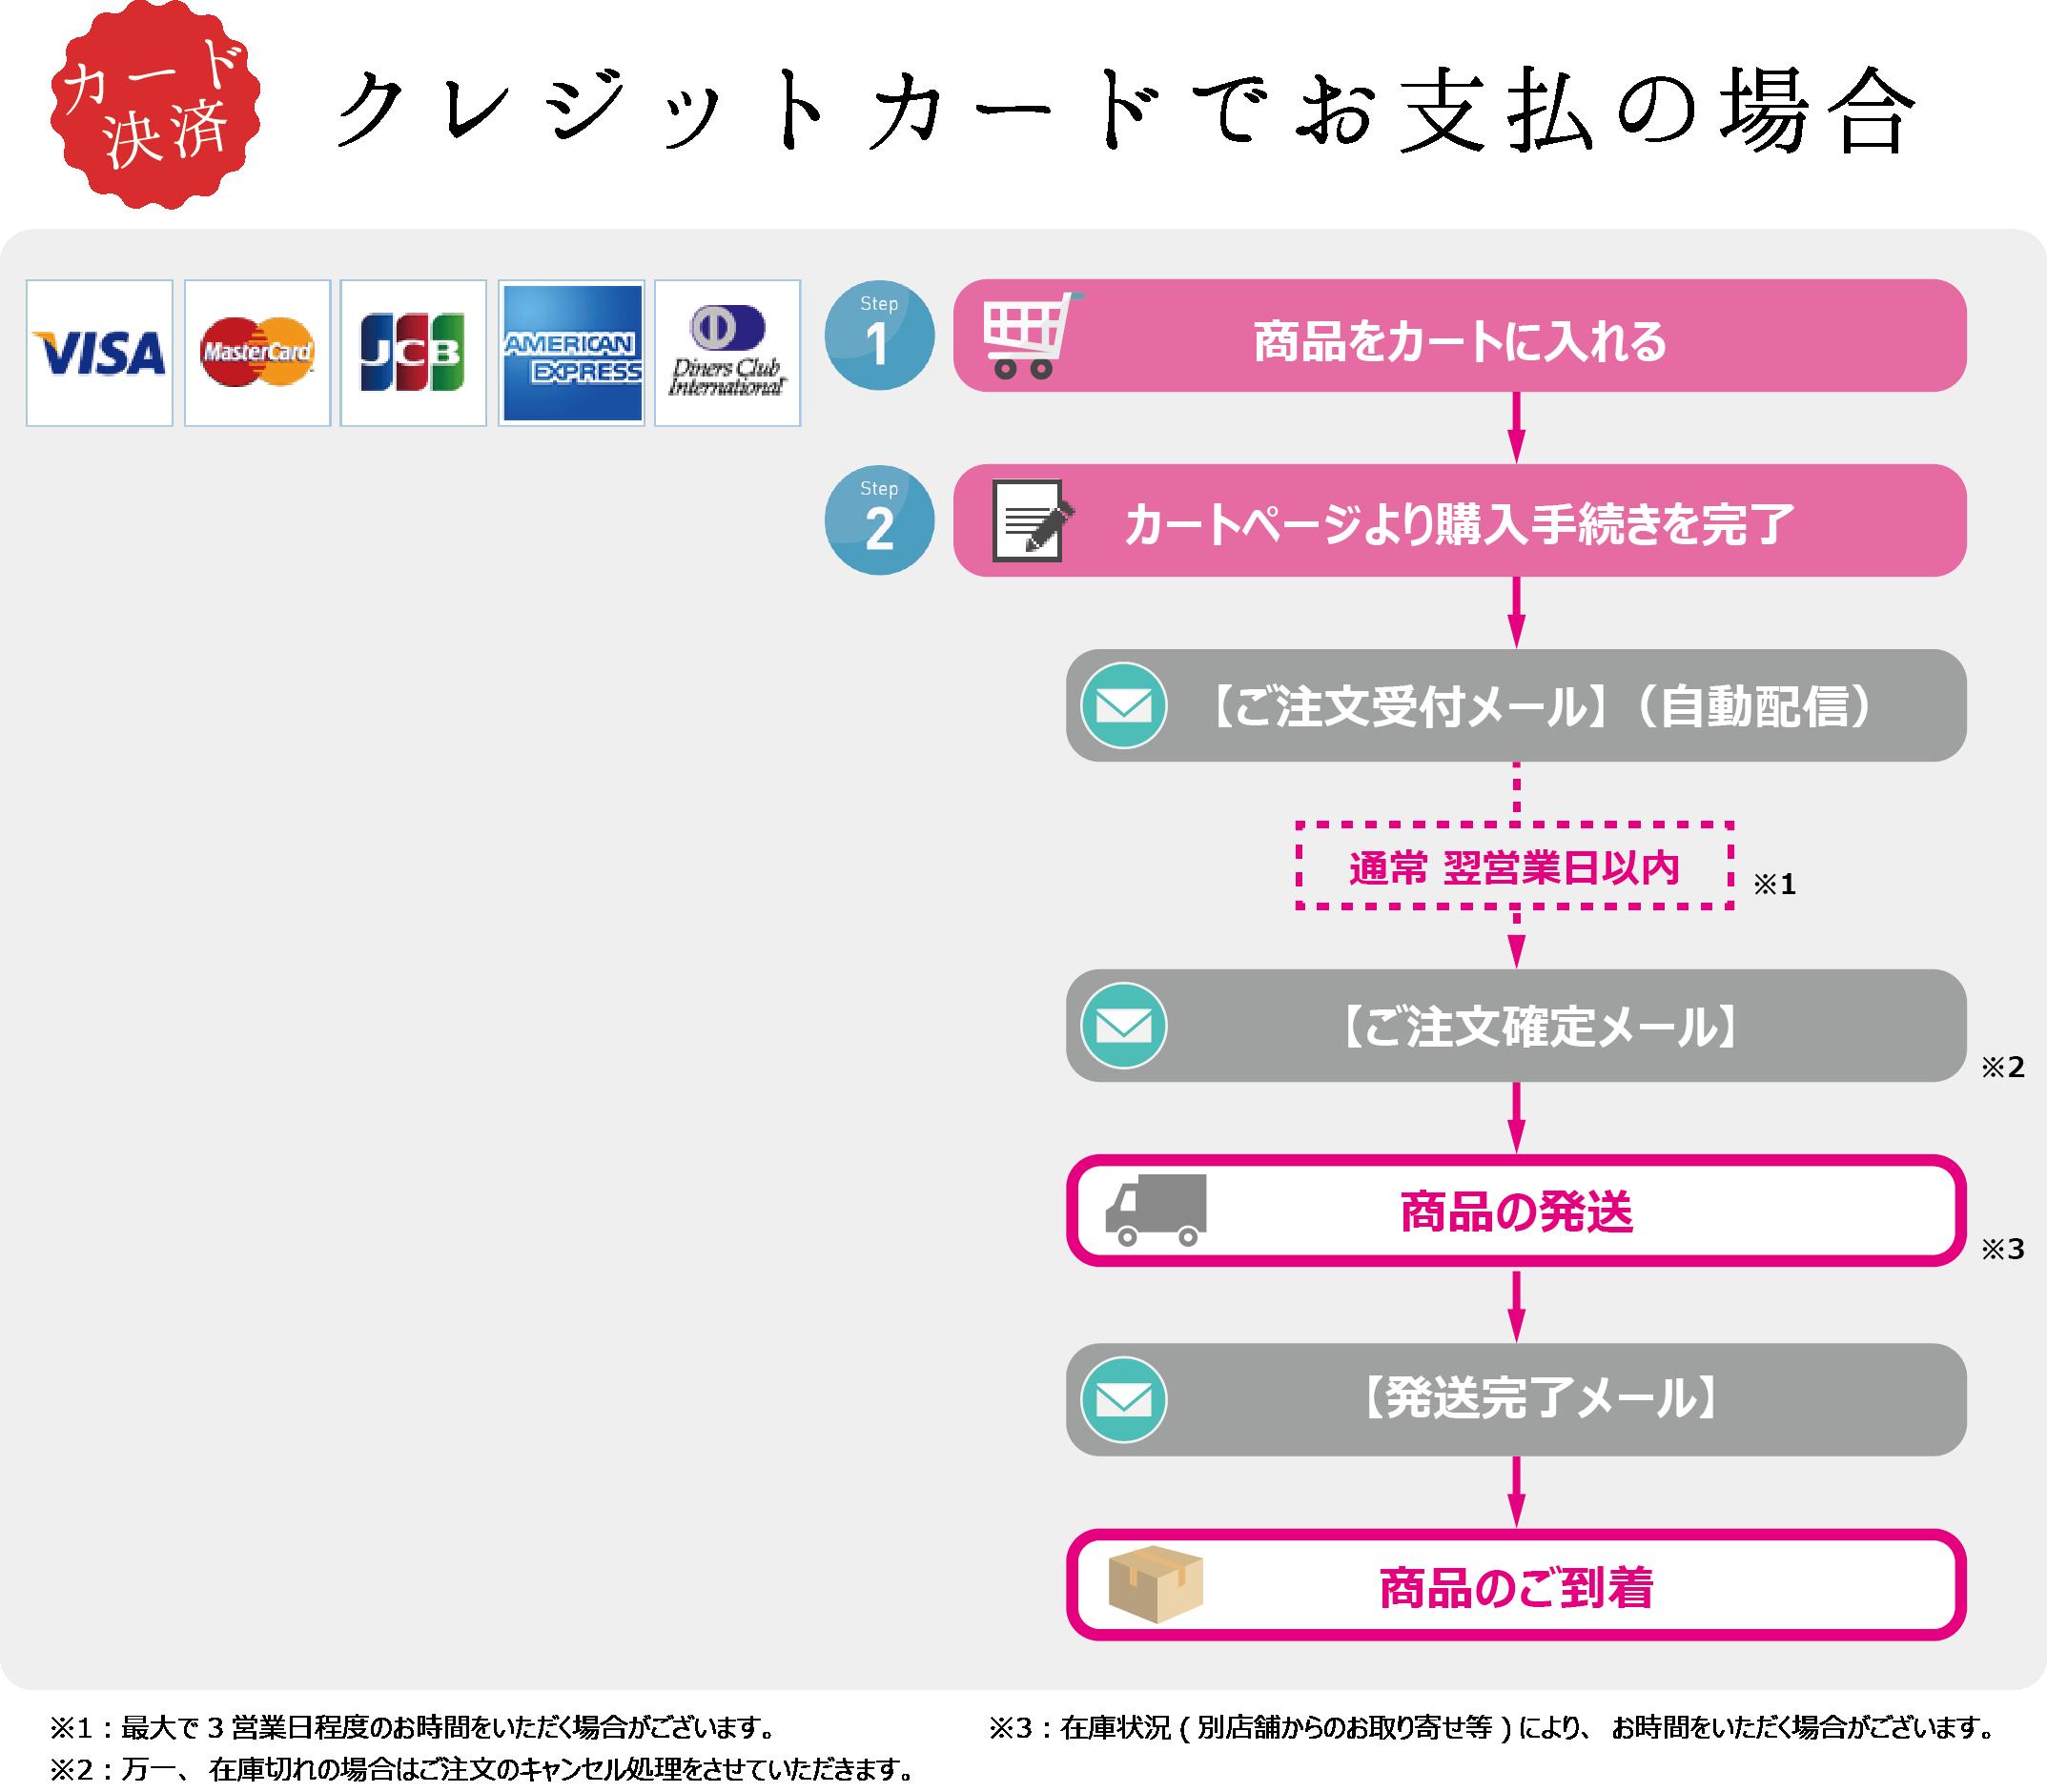 【支払方法】クレジットカード決済